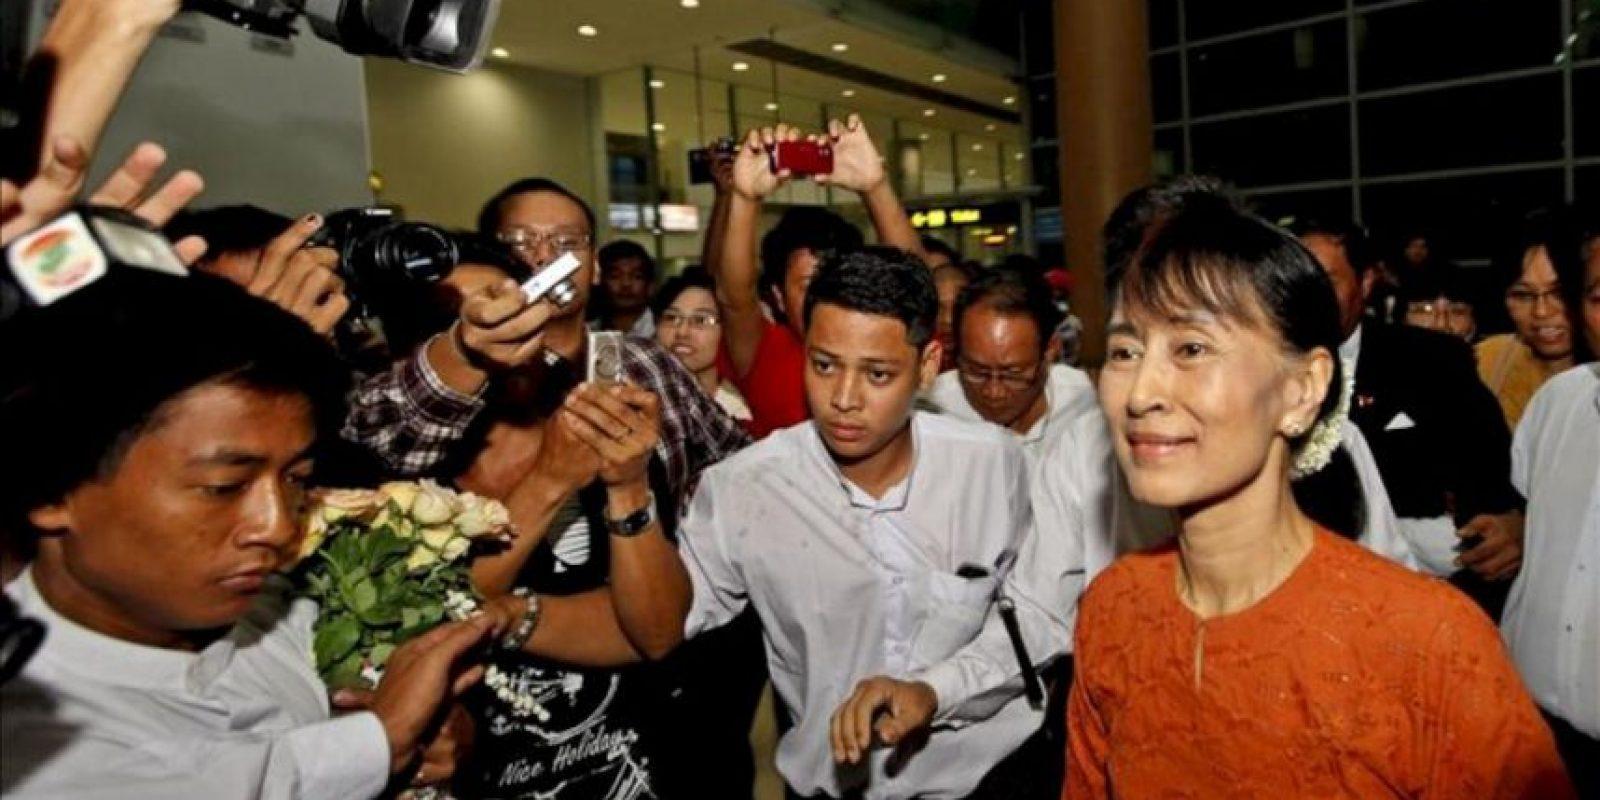 La líder de la oposición birmana, Aung San Suu Kyi (d) a su llegada al aeropuerto internacional de Rangún, Birmania, hoy 29 de mayo, con destino a Tailandia. EFE